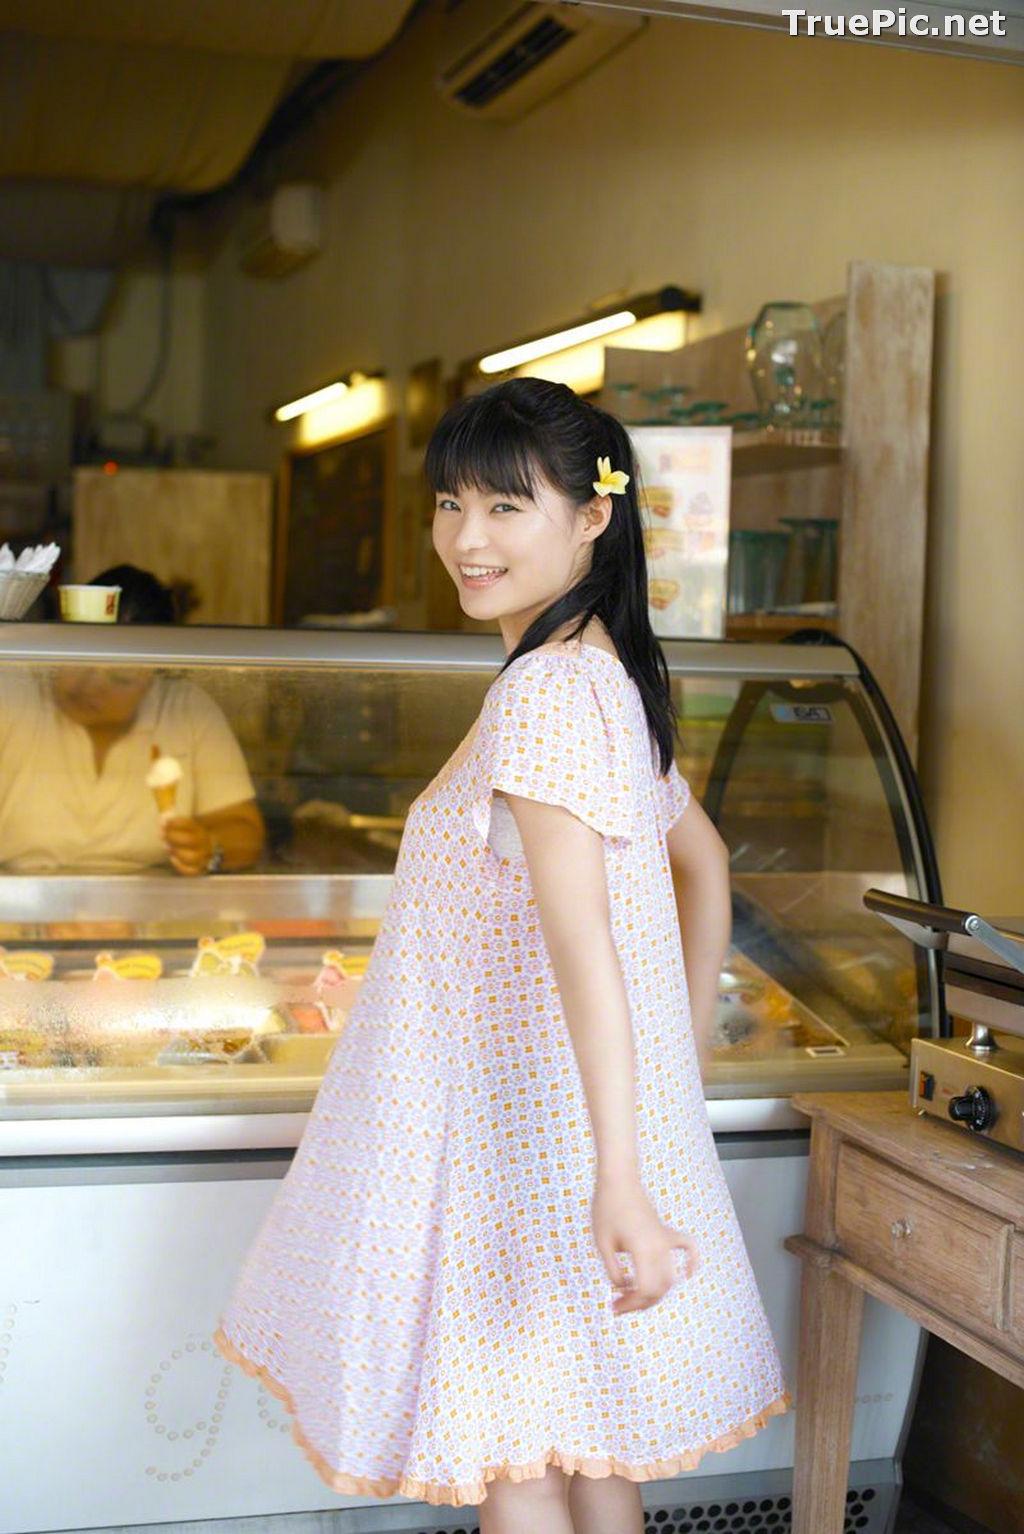 Image Wanibooks NO.121 - Japanese Gravure Idol - Mizuki Hoshina - TruePic.net - Picture-2